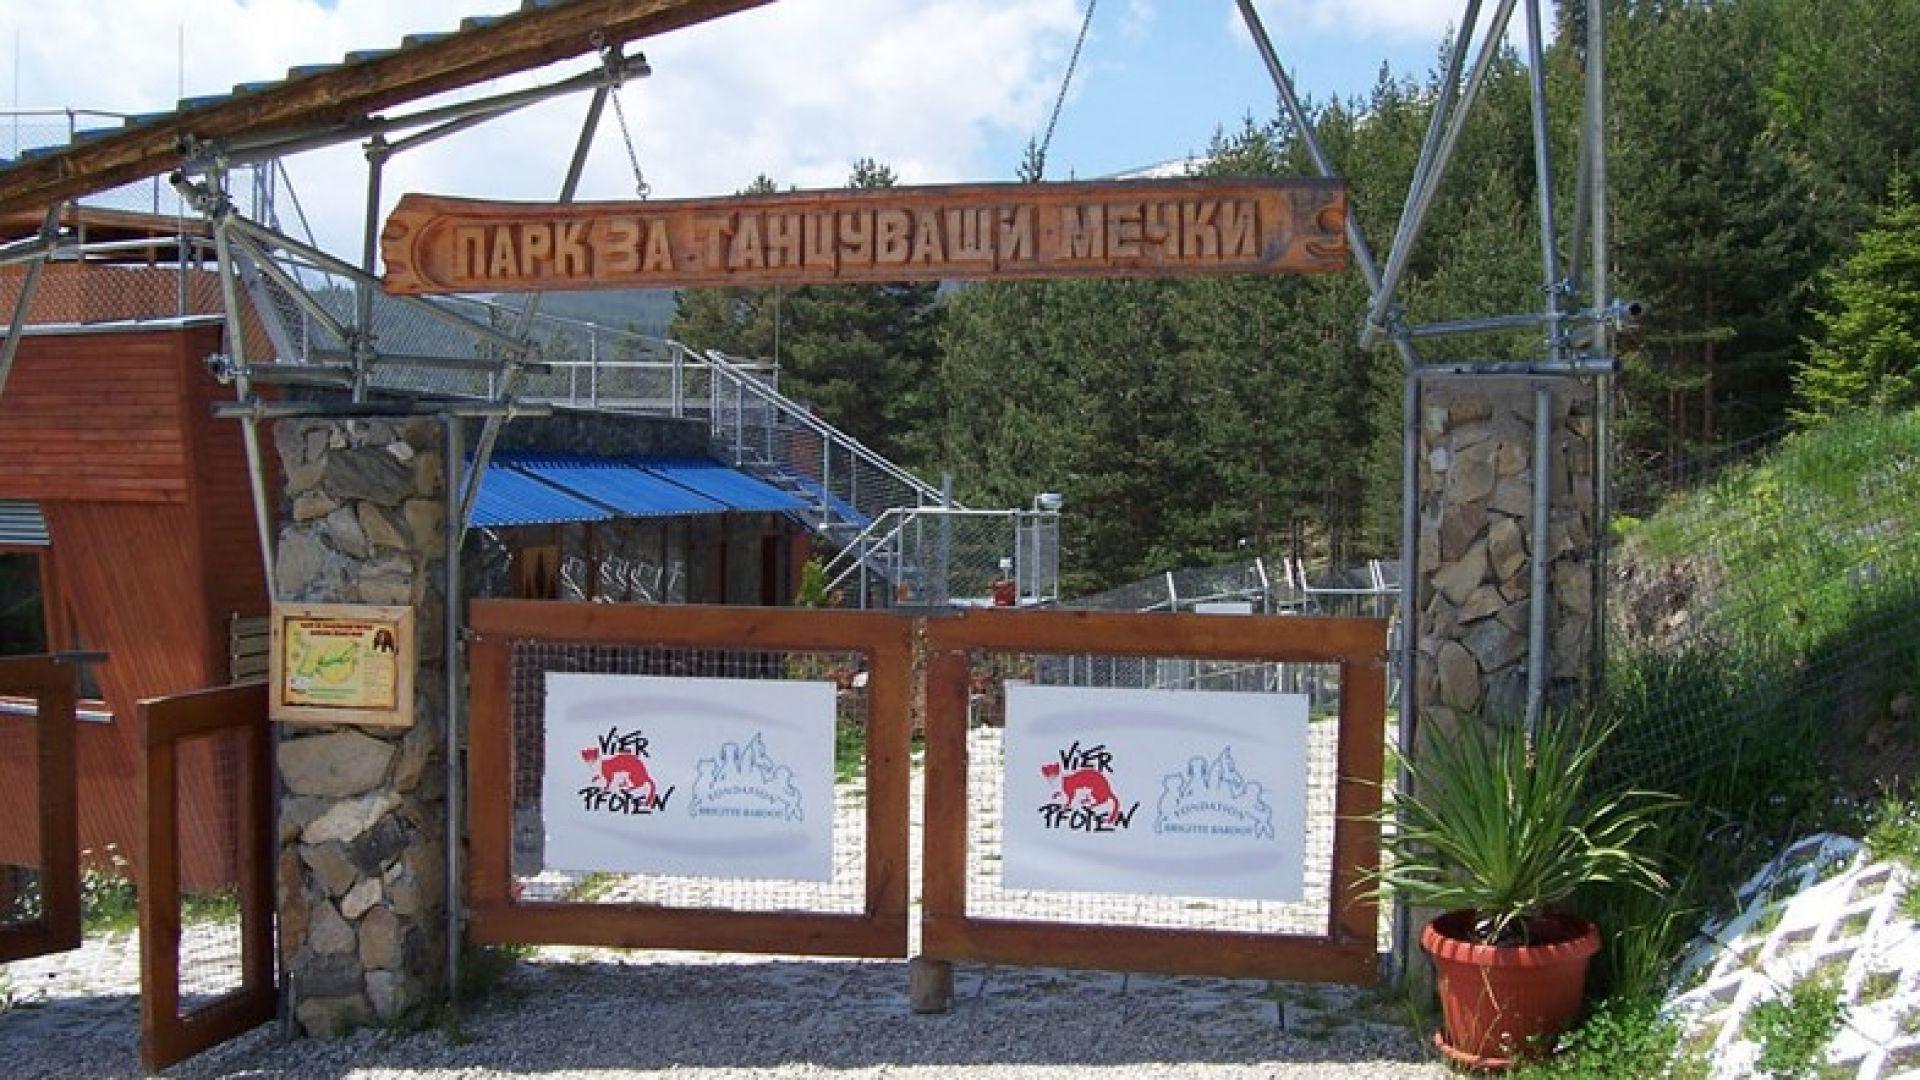 Спасеното мече в Родопите е на 4 месеца, вече е в Парка на танцуващите мечки